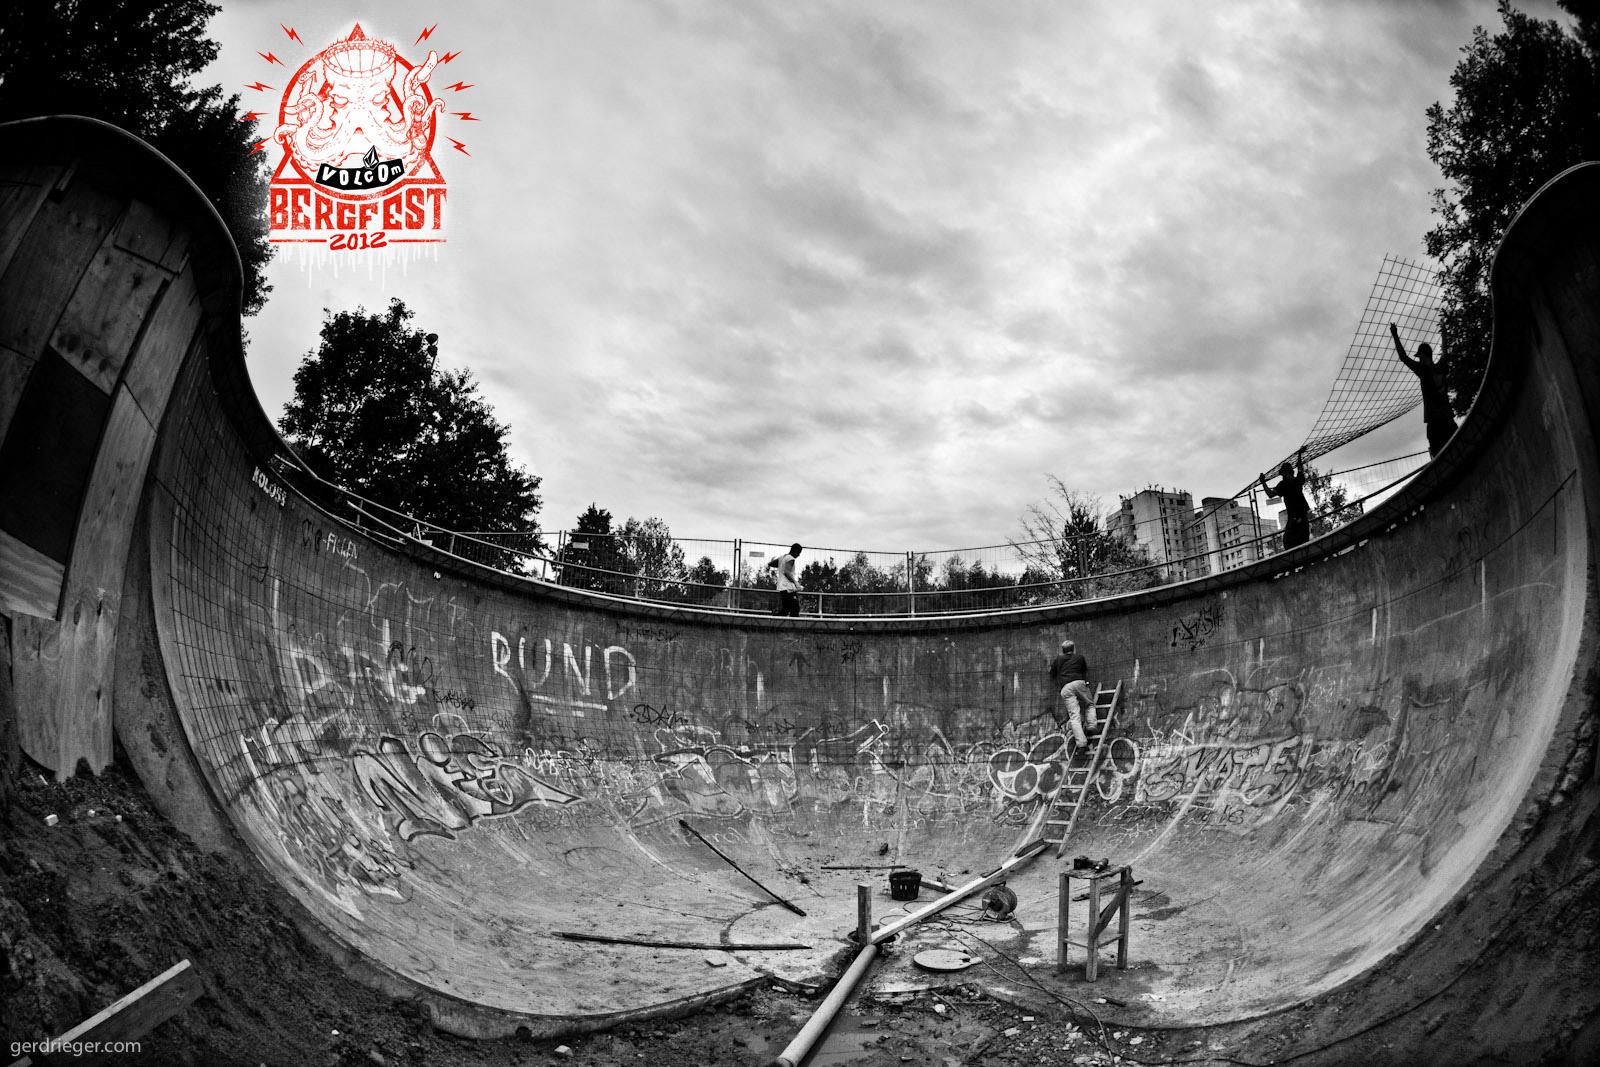 Wallpaper Skatepark Berg Fidel Bergfest 2017 1600x1067